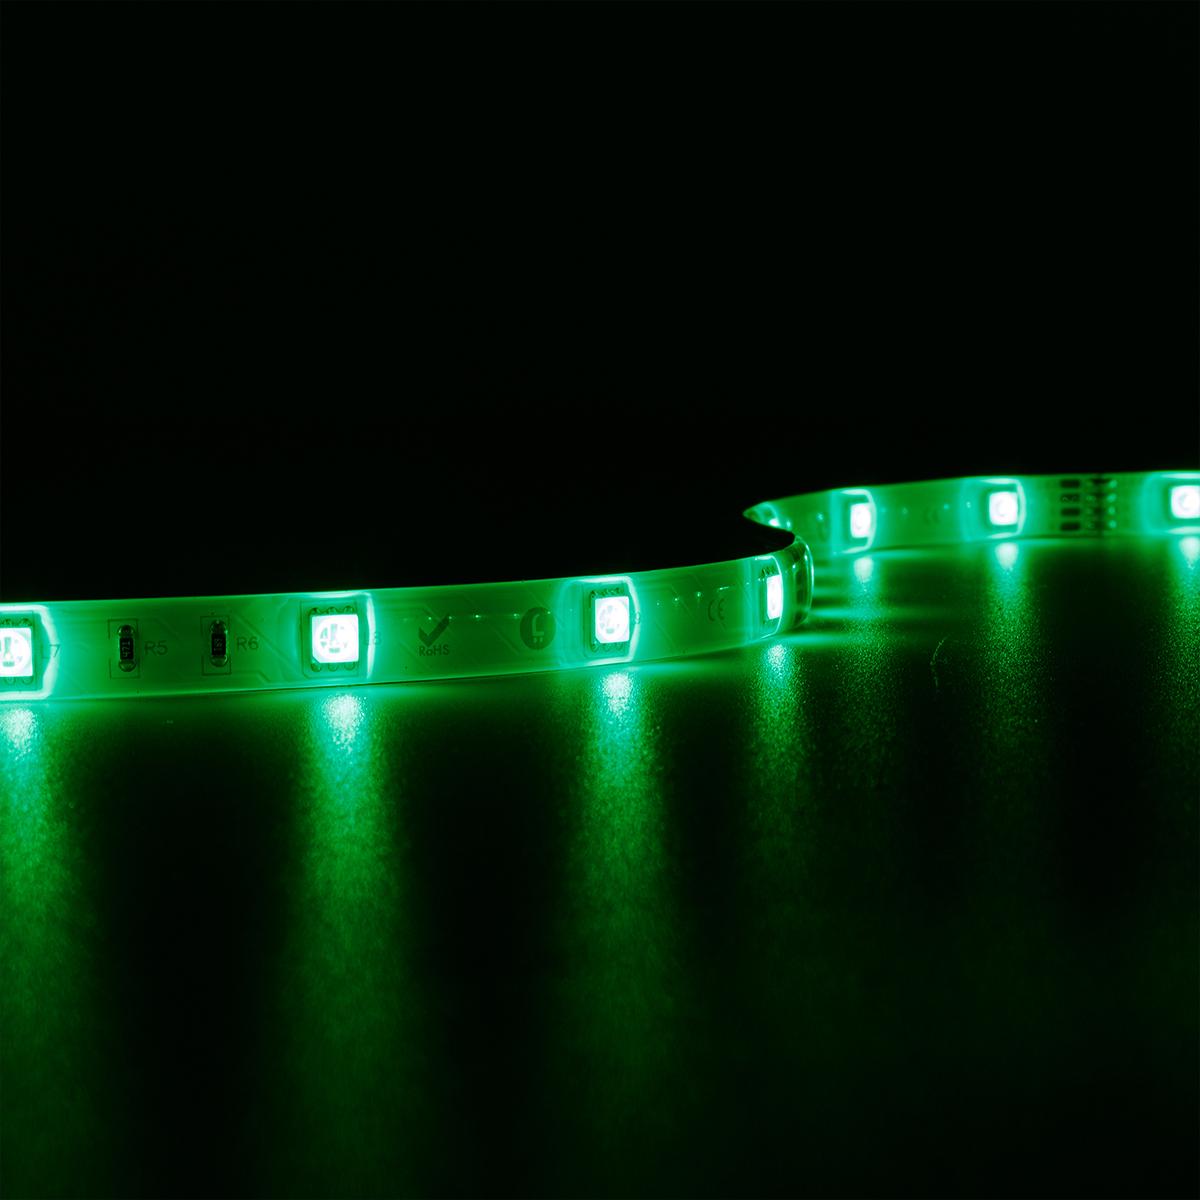 Strip RGB 24V LED Streifen 10M 7,2W/m 30LED/m 10mm IP65 Farbwechsel